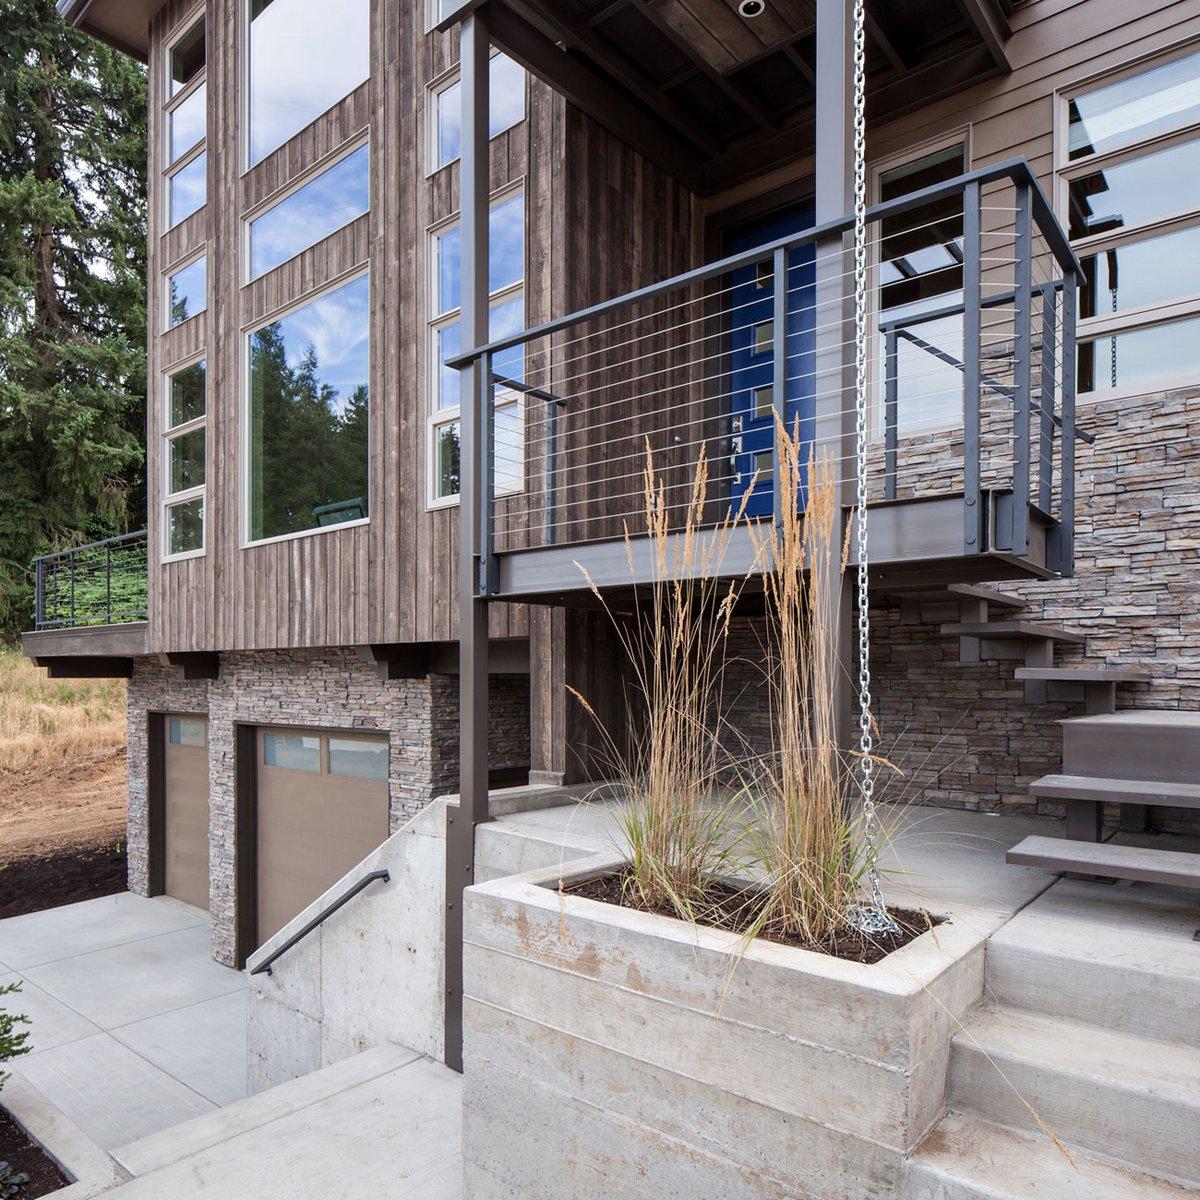 Crest Meadows Residence, Jordan Iverson Signature Homes, дома в штате Орегон, дерево в интерьере, фасад з натурального камня, обзоры домов в США